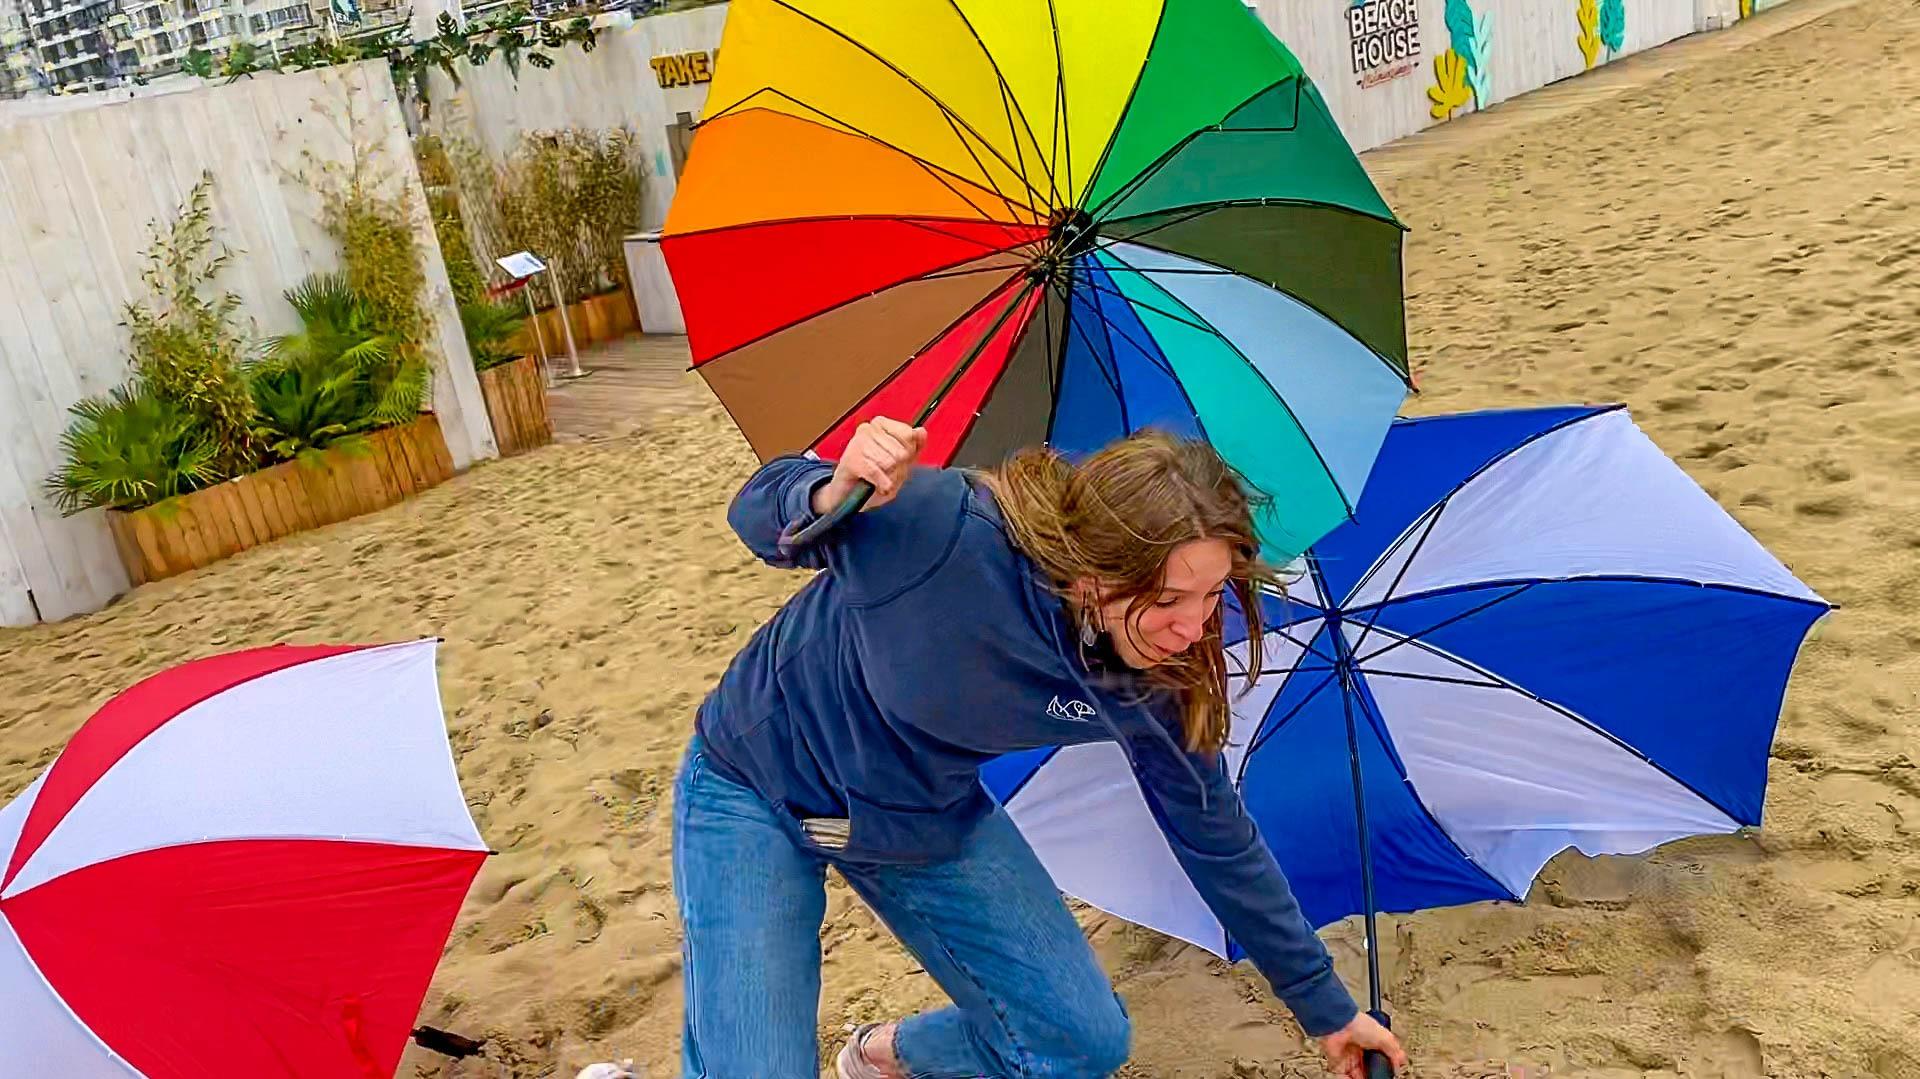 Mijnuut paraplu